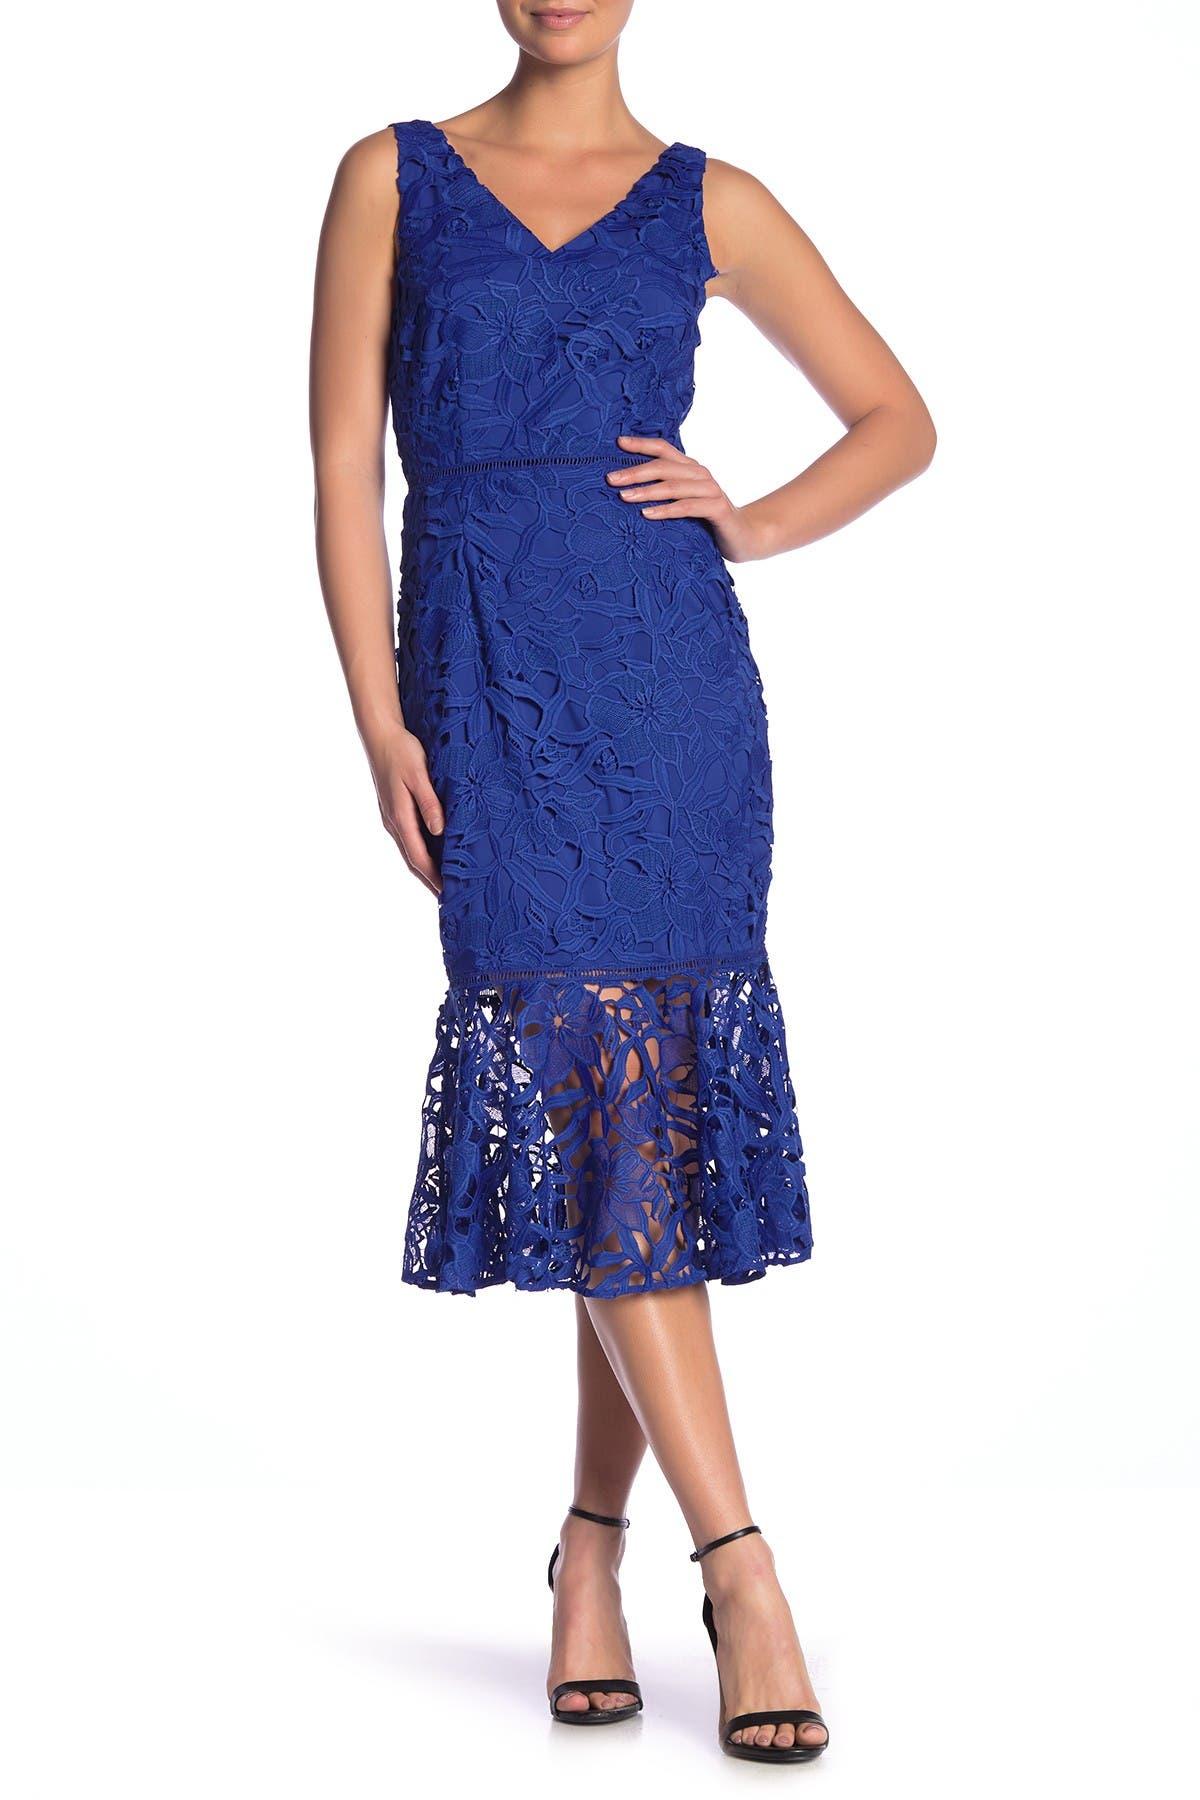 Image of Alexia Admor V-Neck Lace Peplum Hem Dress